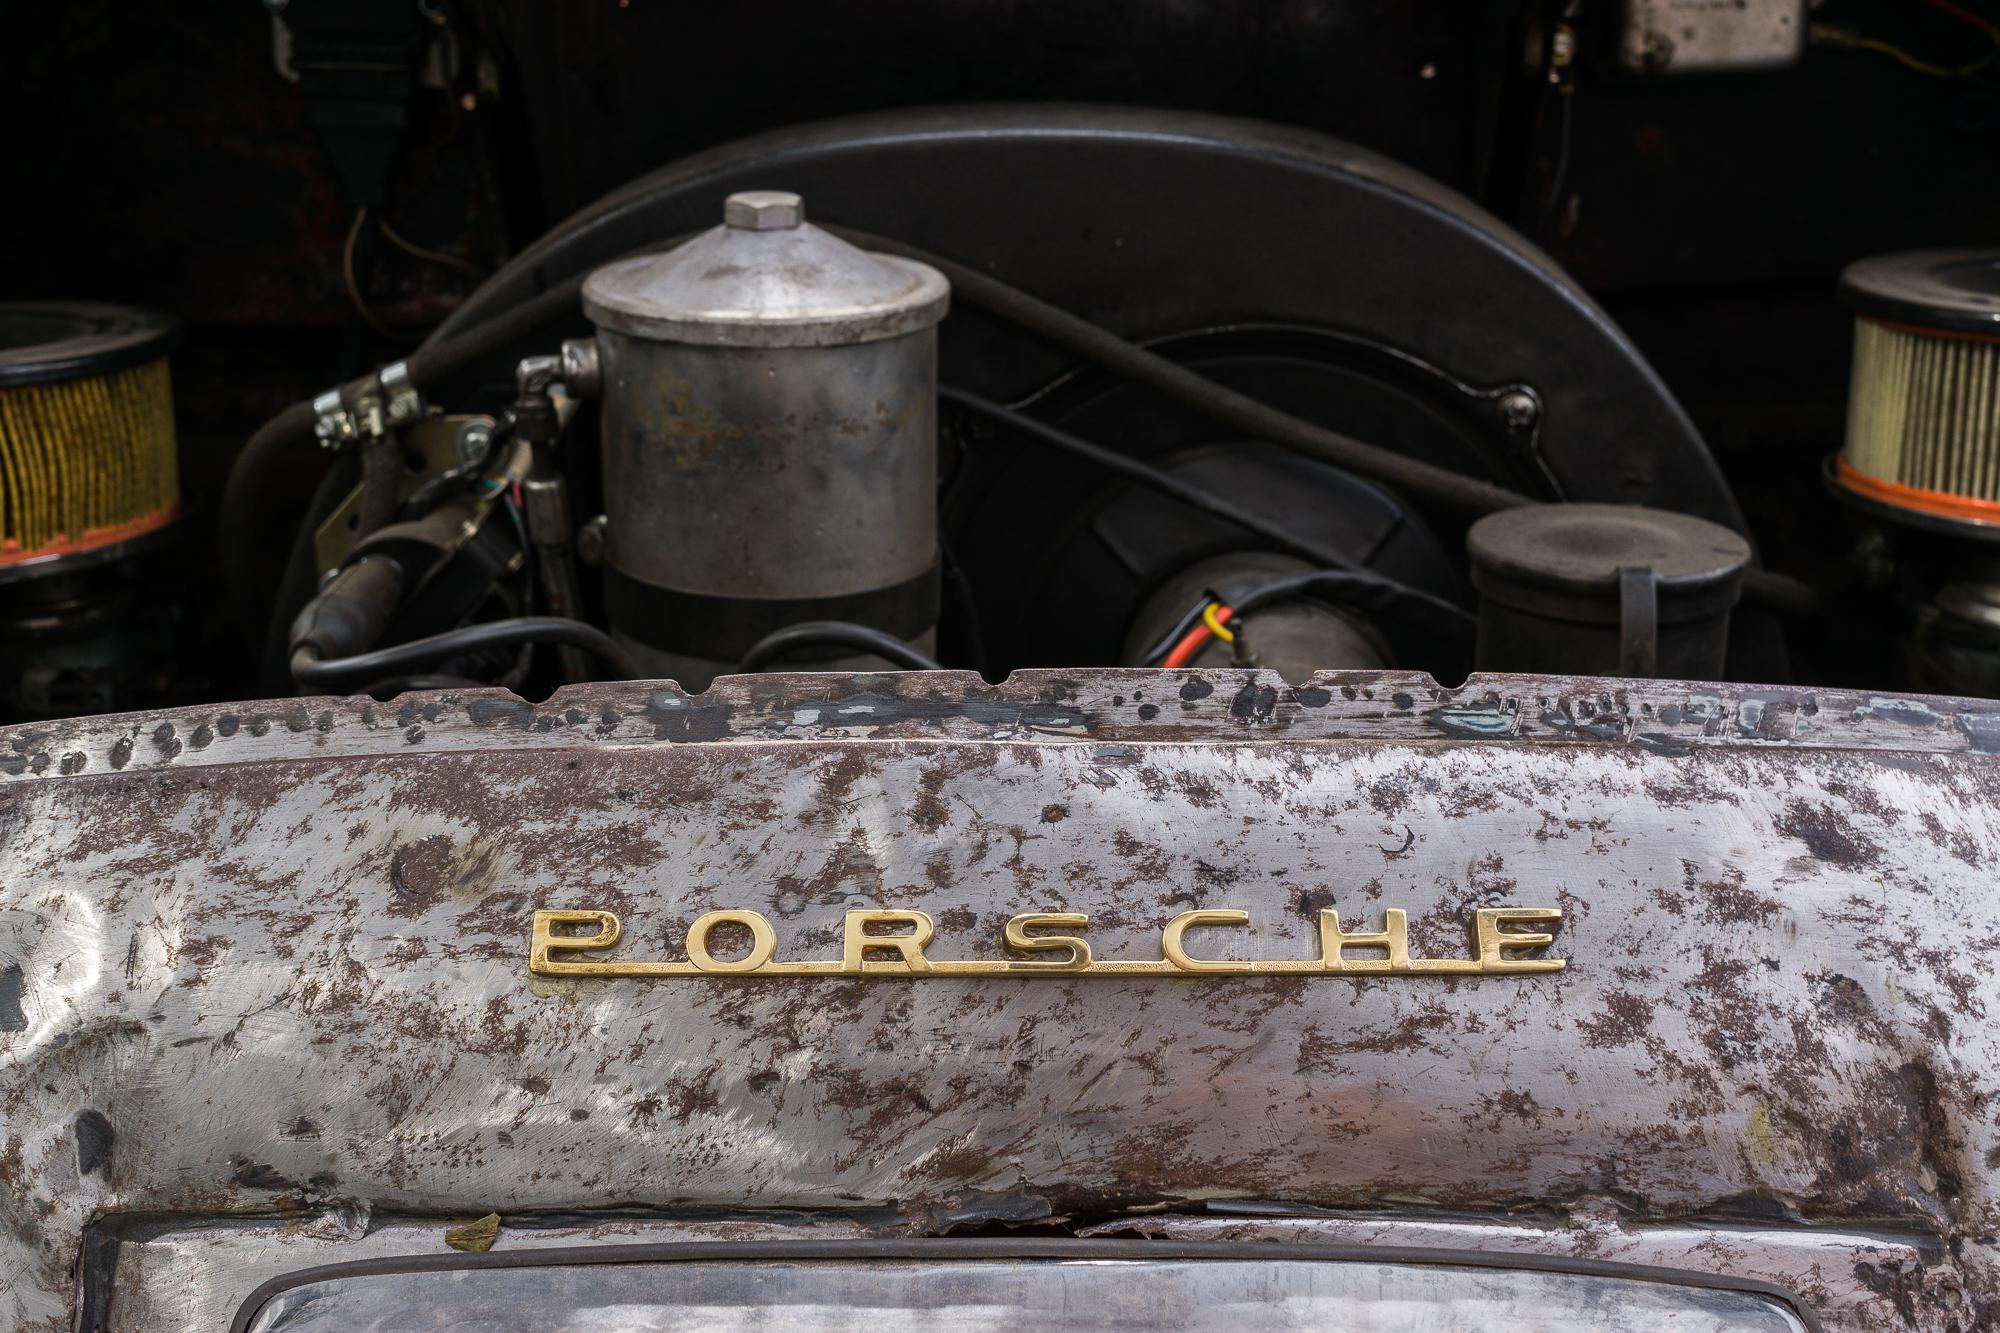 Porsche 356 enginer bay